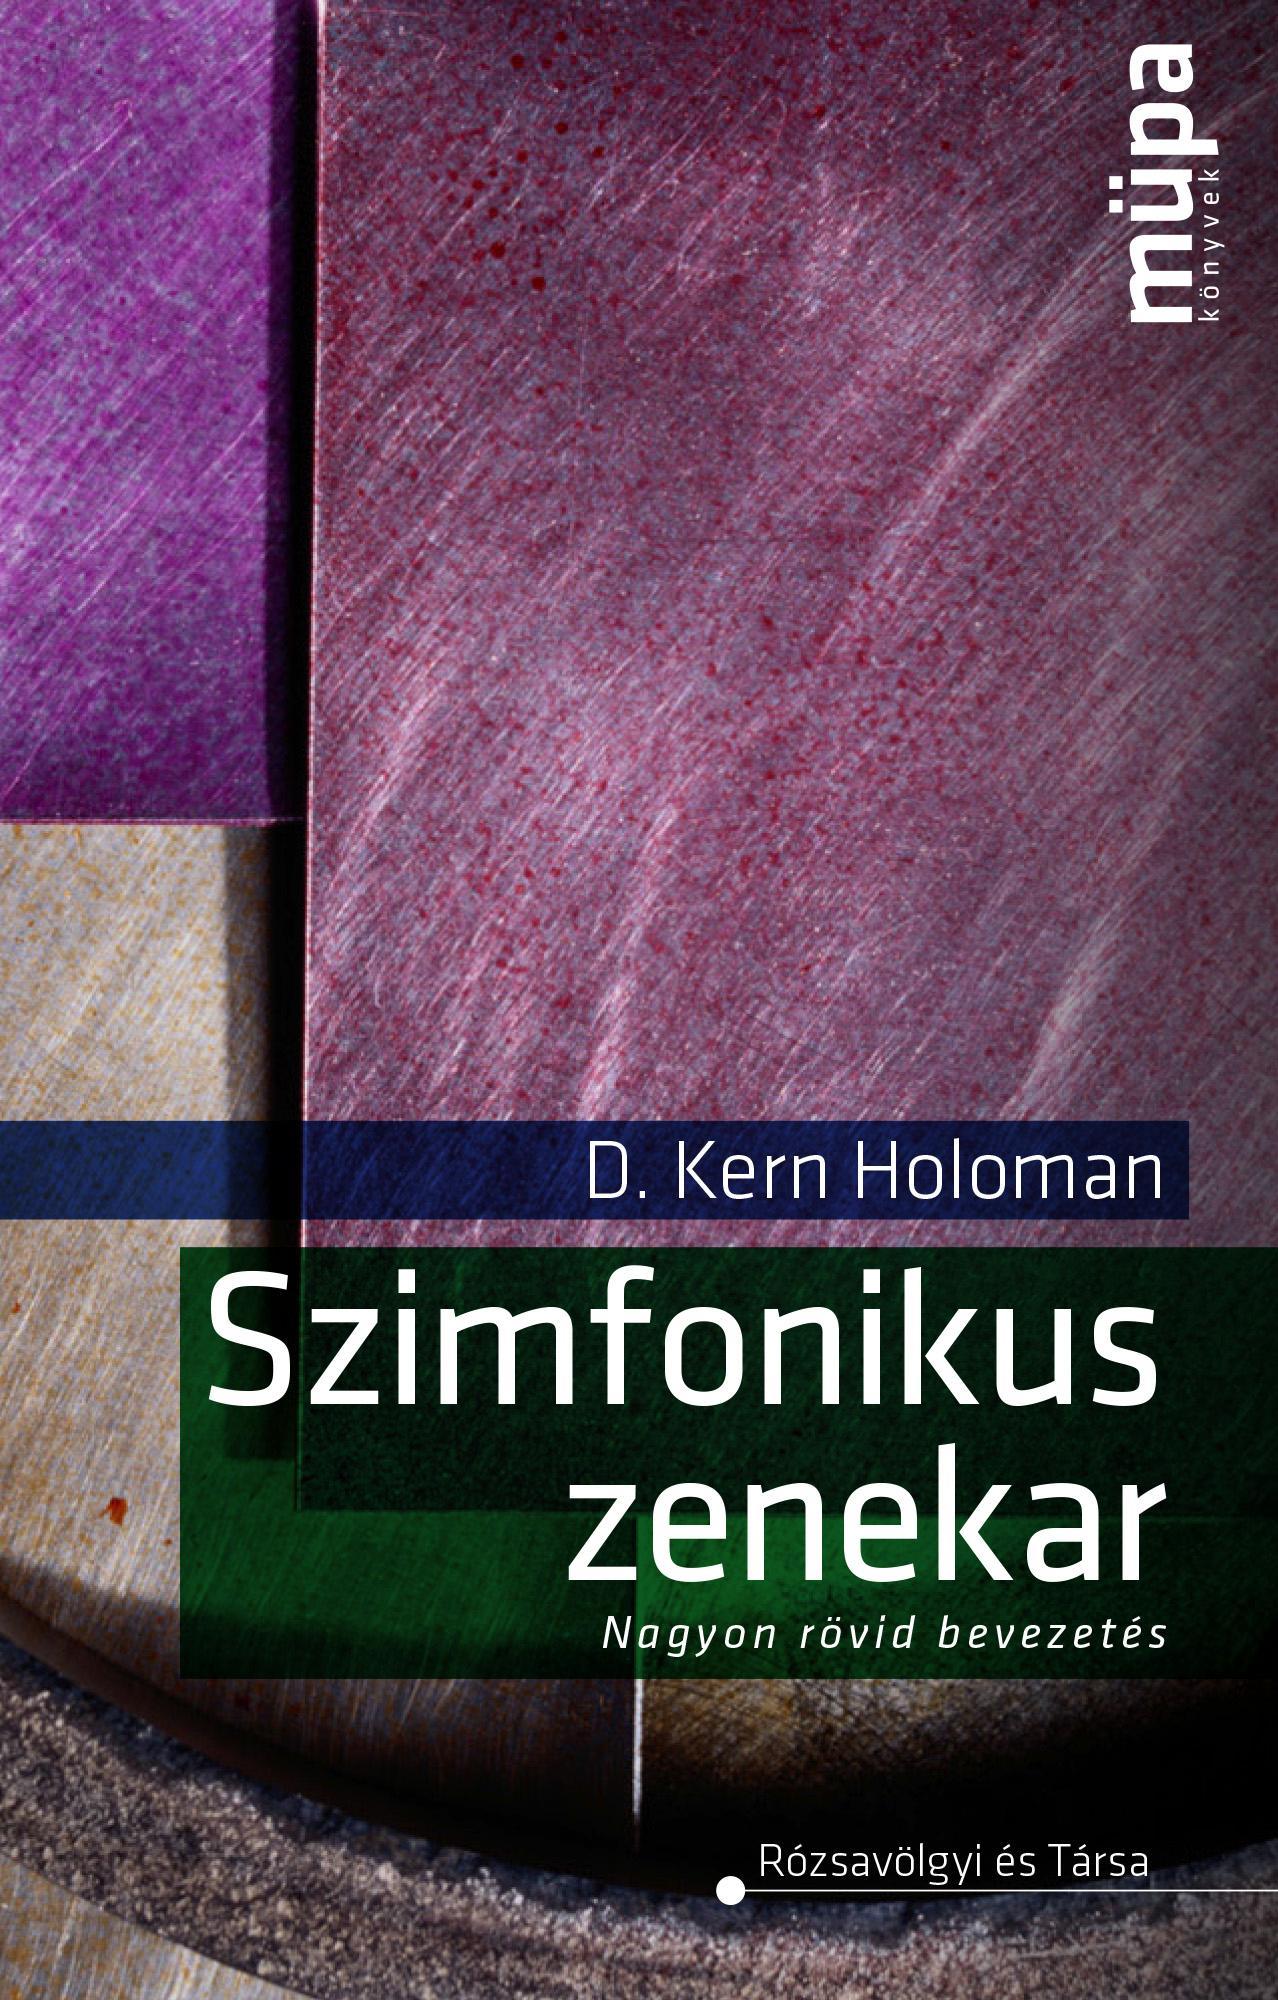 SZIMFONIKUS ZENEKAR - NAGYON RÖVID BEVEZETÉS